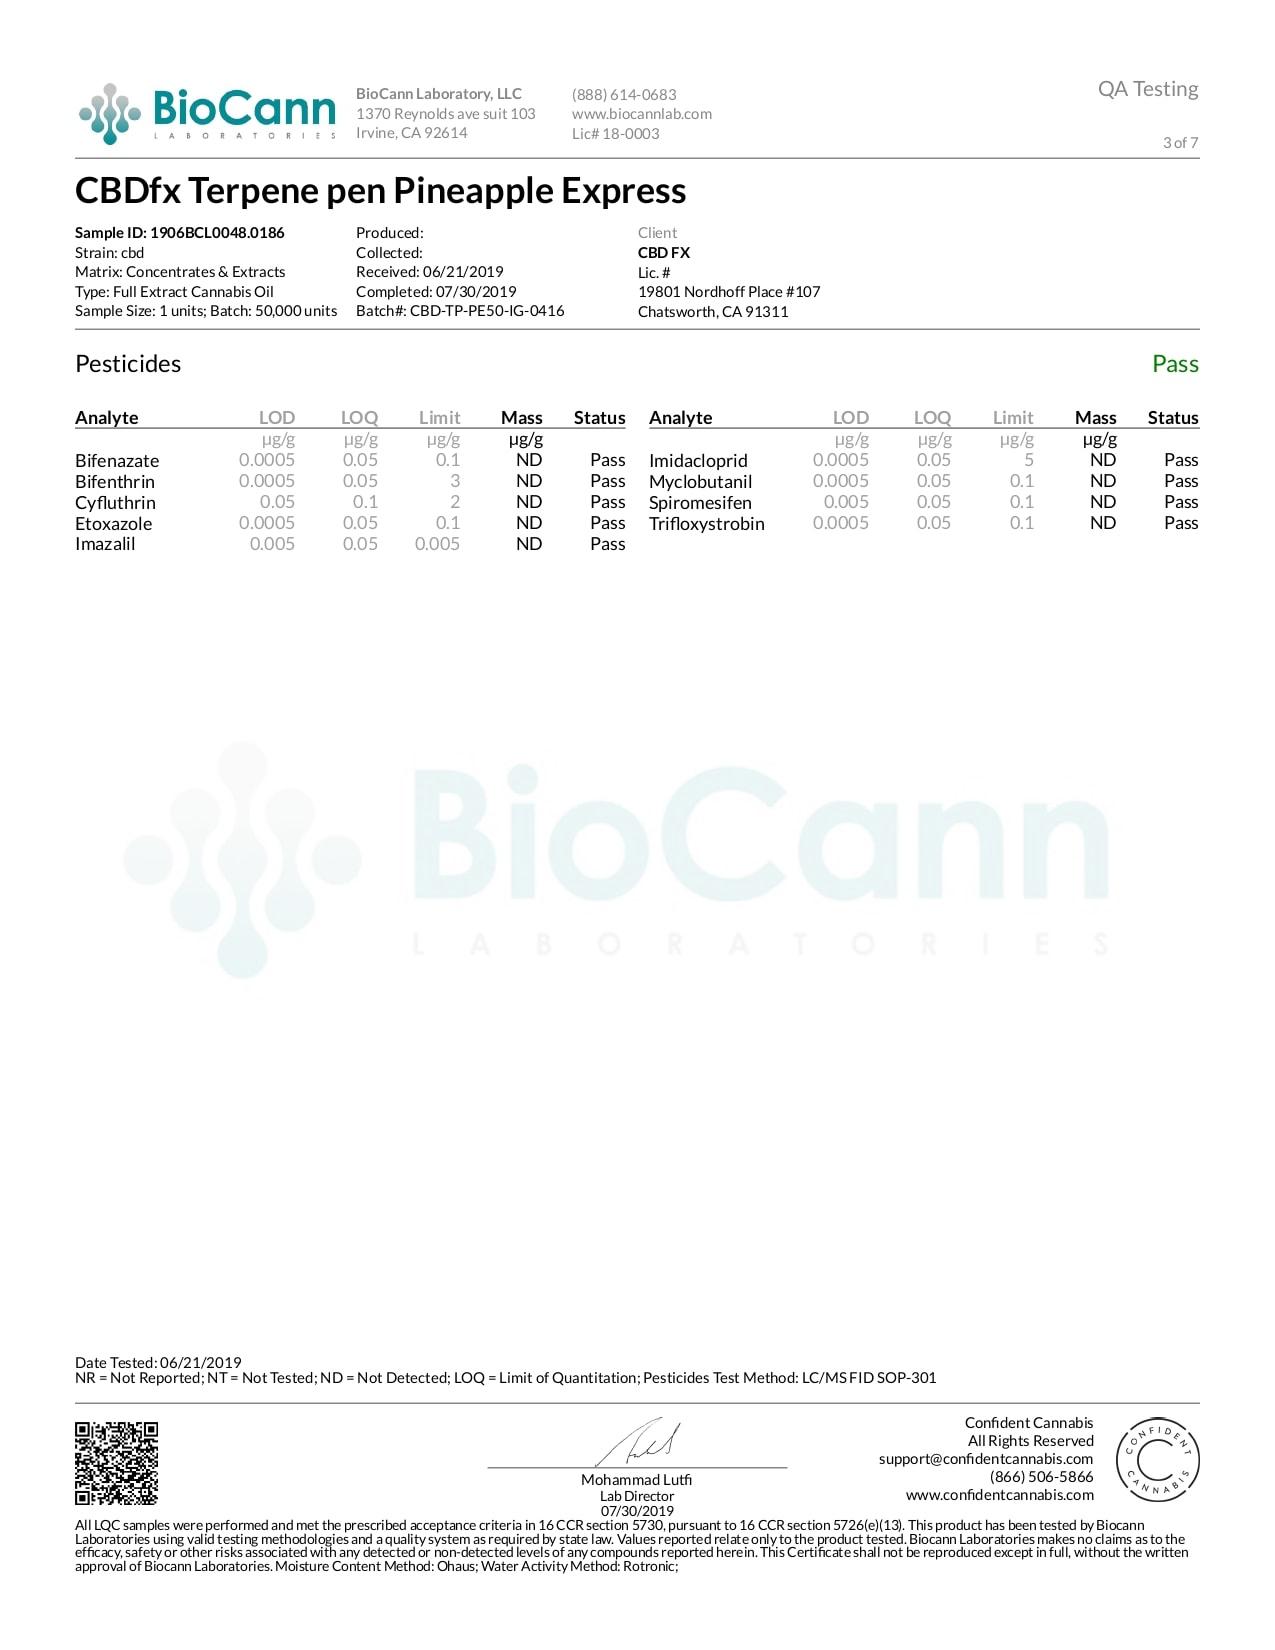 CBDfx Pineapple Express Lab Report | CBD Terpenes Vape Pen 50mg